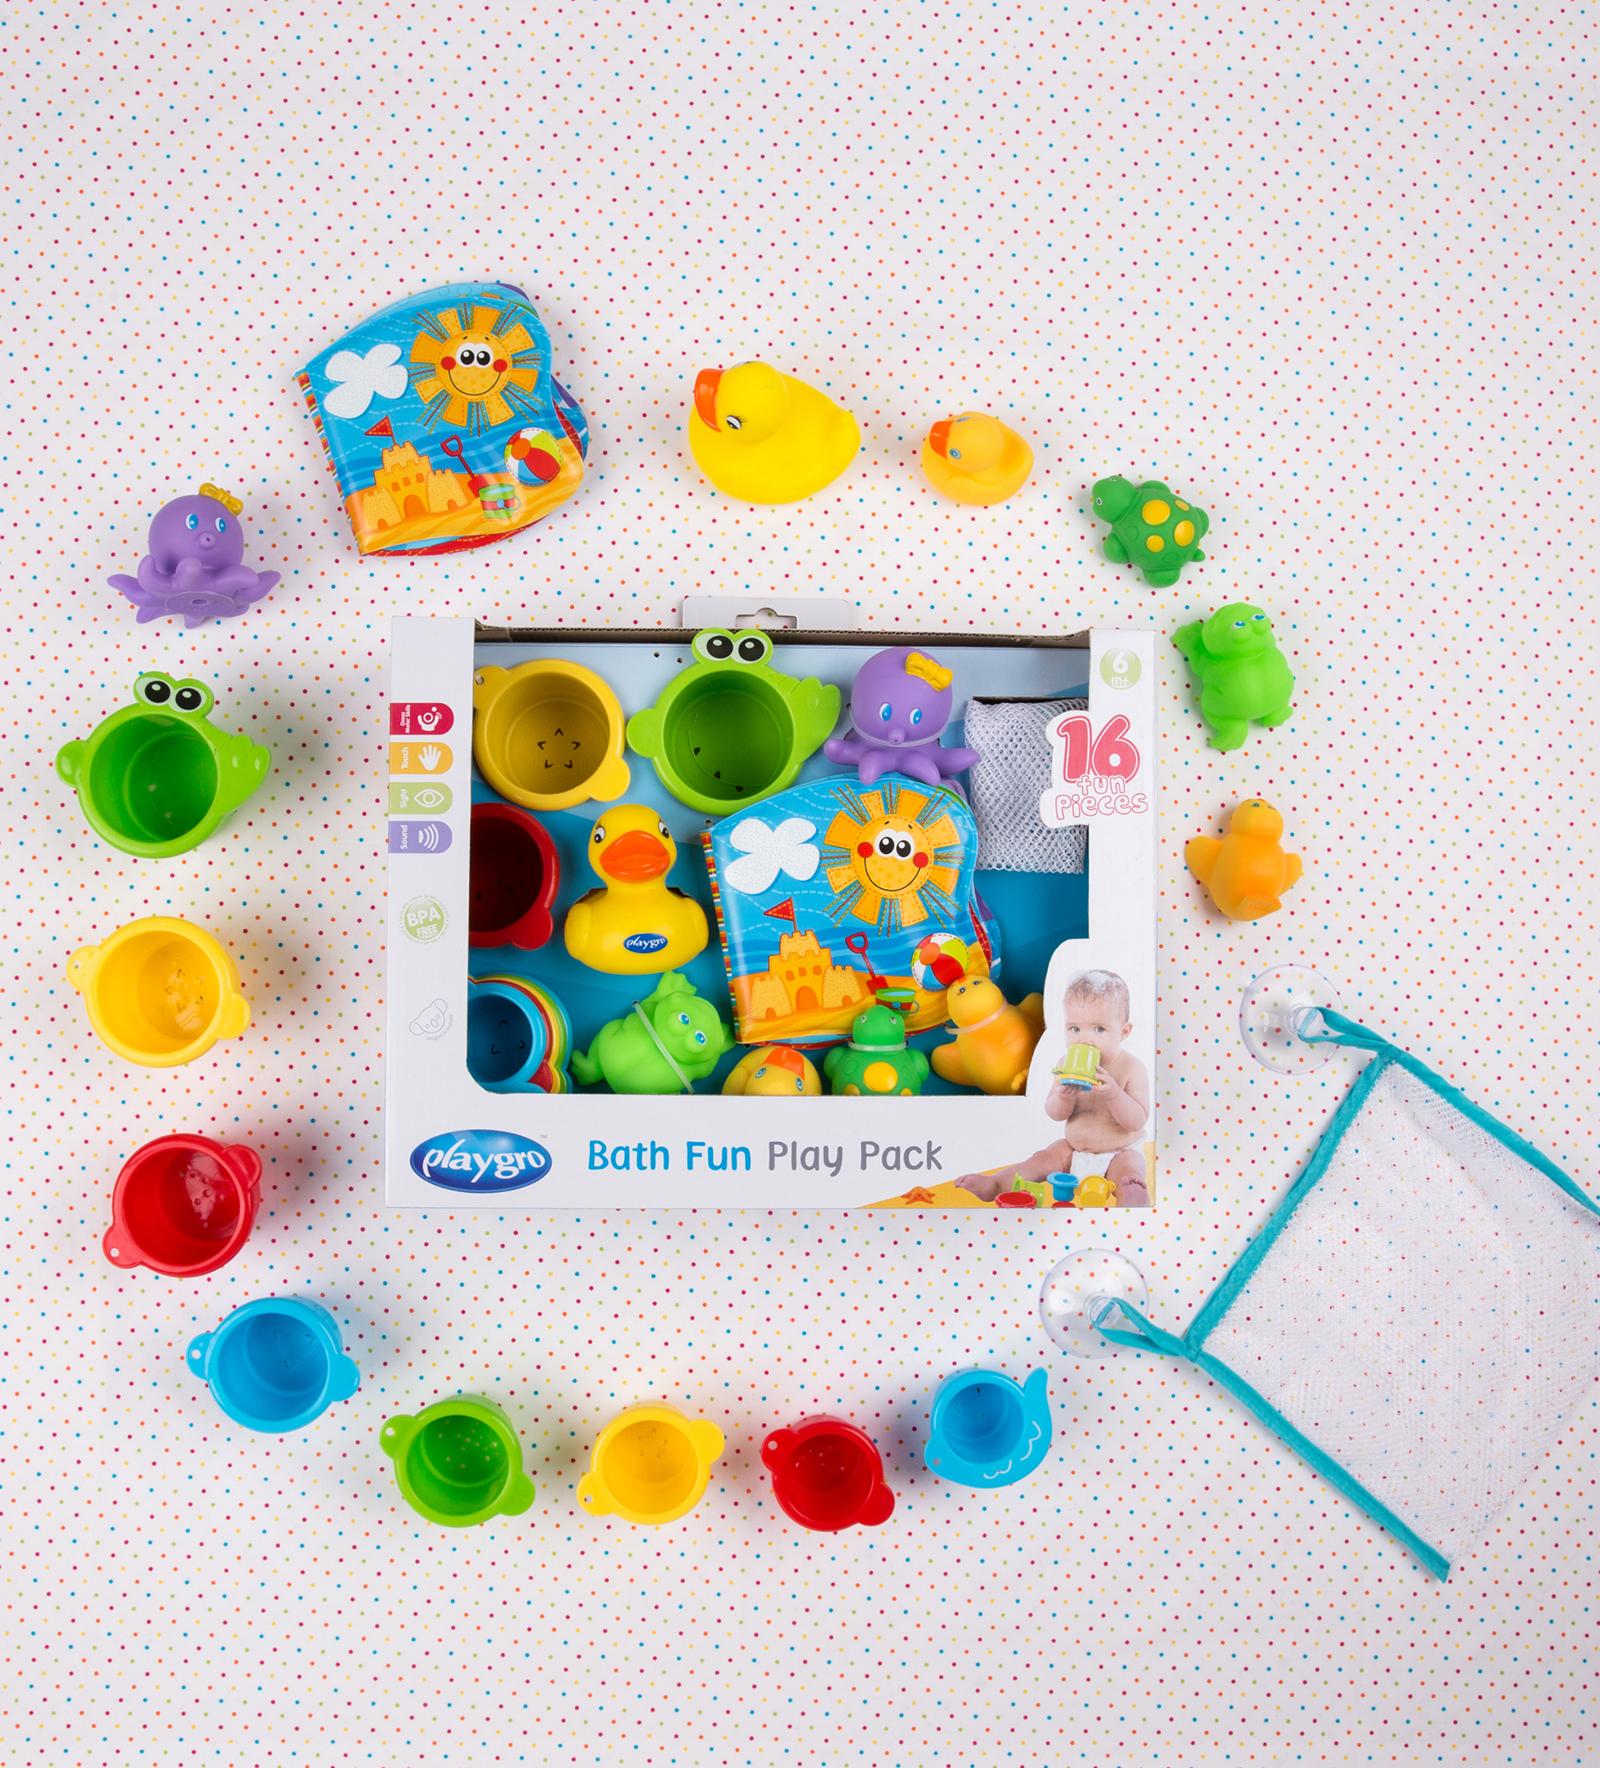 Bath Fun Play Pack 2